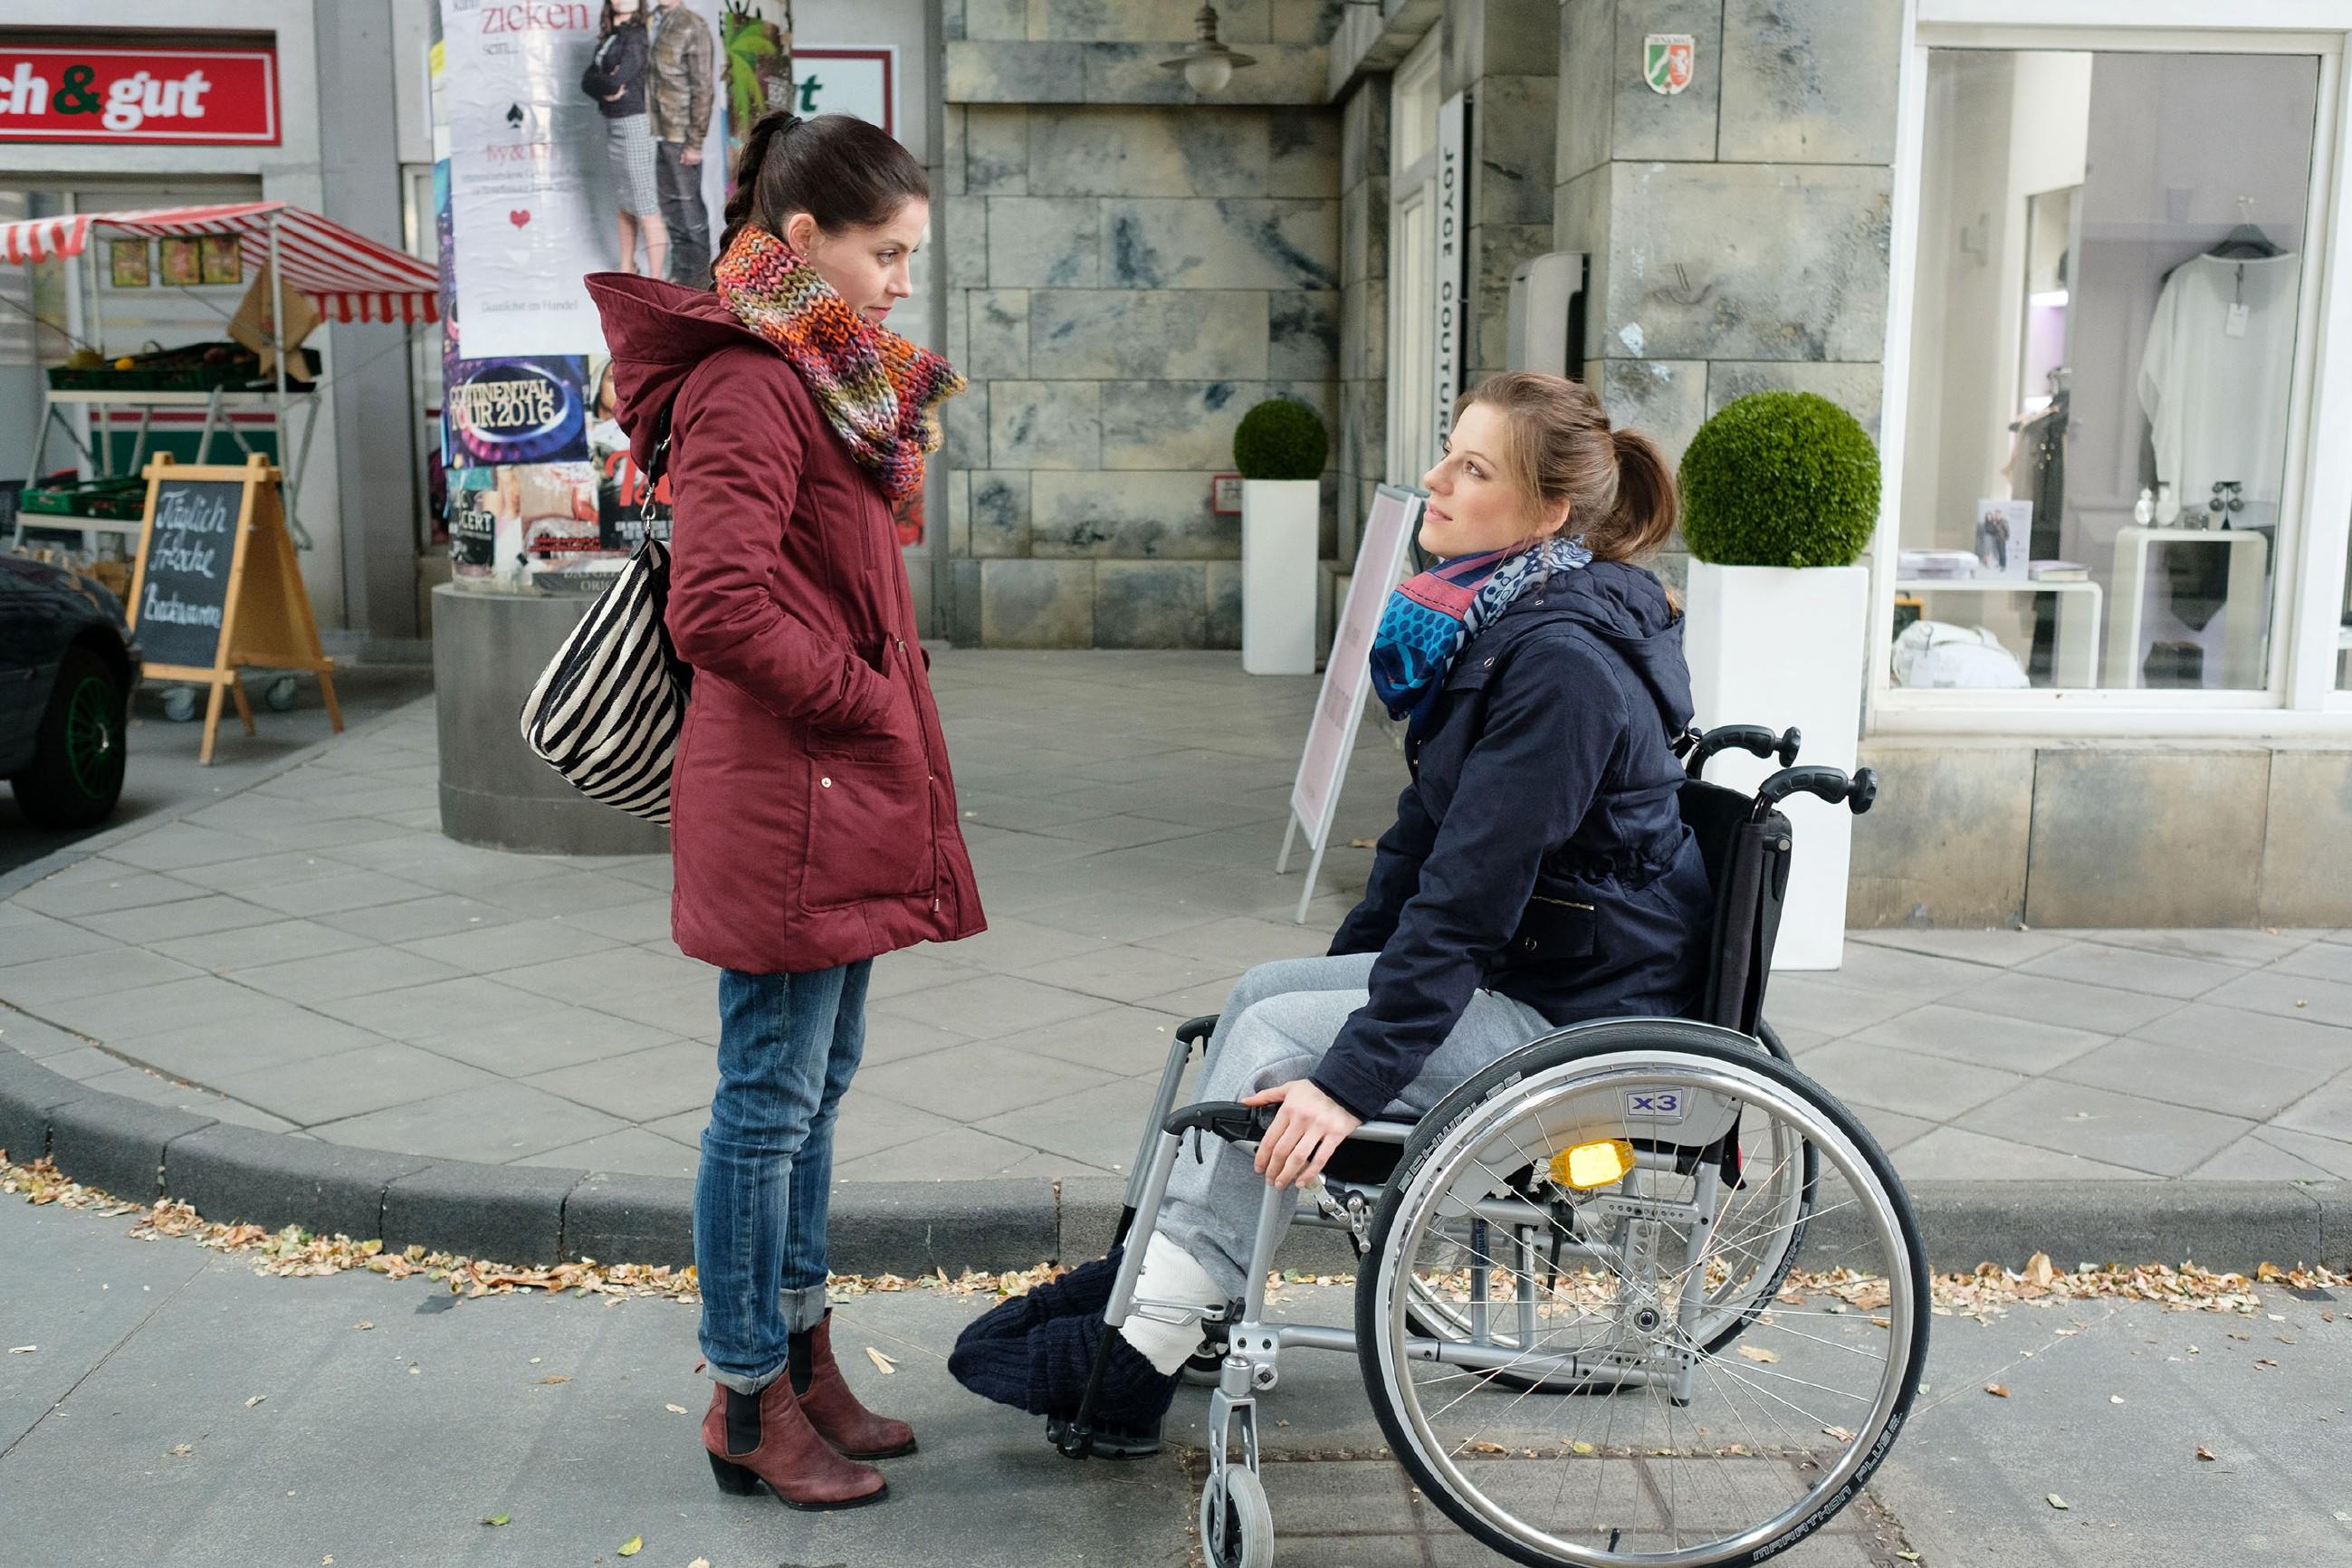 Sina (Valea Katharina Scalabrino, l.) trifft auf Elli (Nora Koppen) und macht ihrer Empörung darüber Luft, dass Lukas sich ehrgeizig in ihr Forschungsprojekt gezeckt hat. (Quelle: RTL / Stefan Behrens)